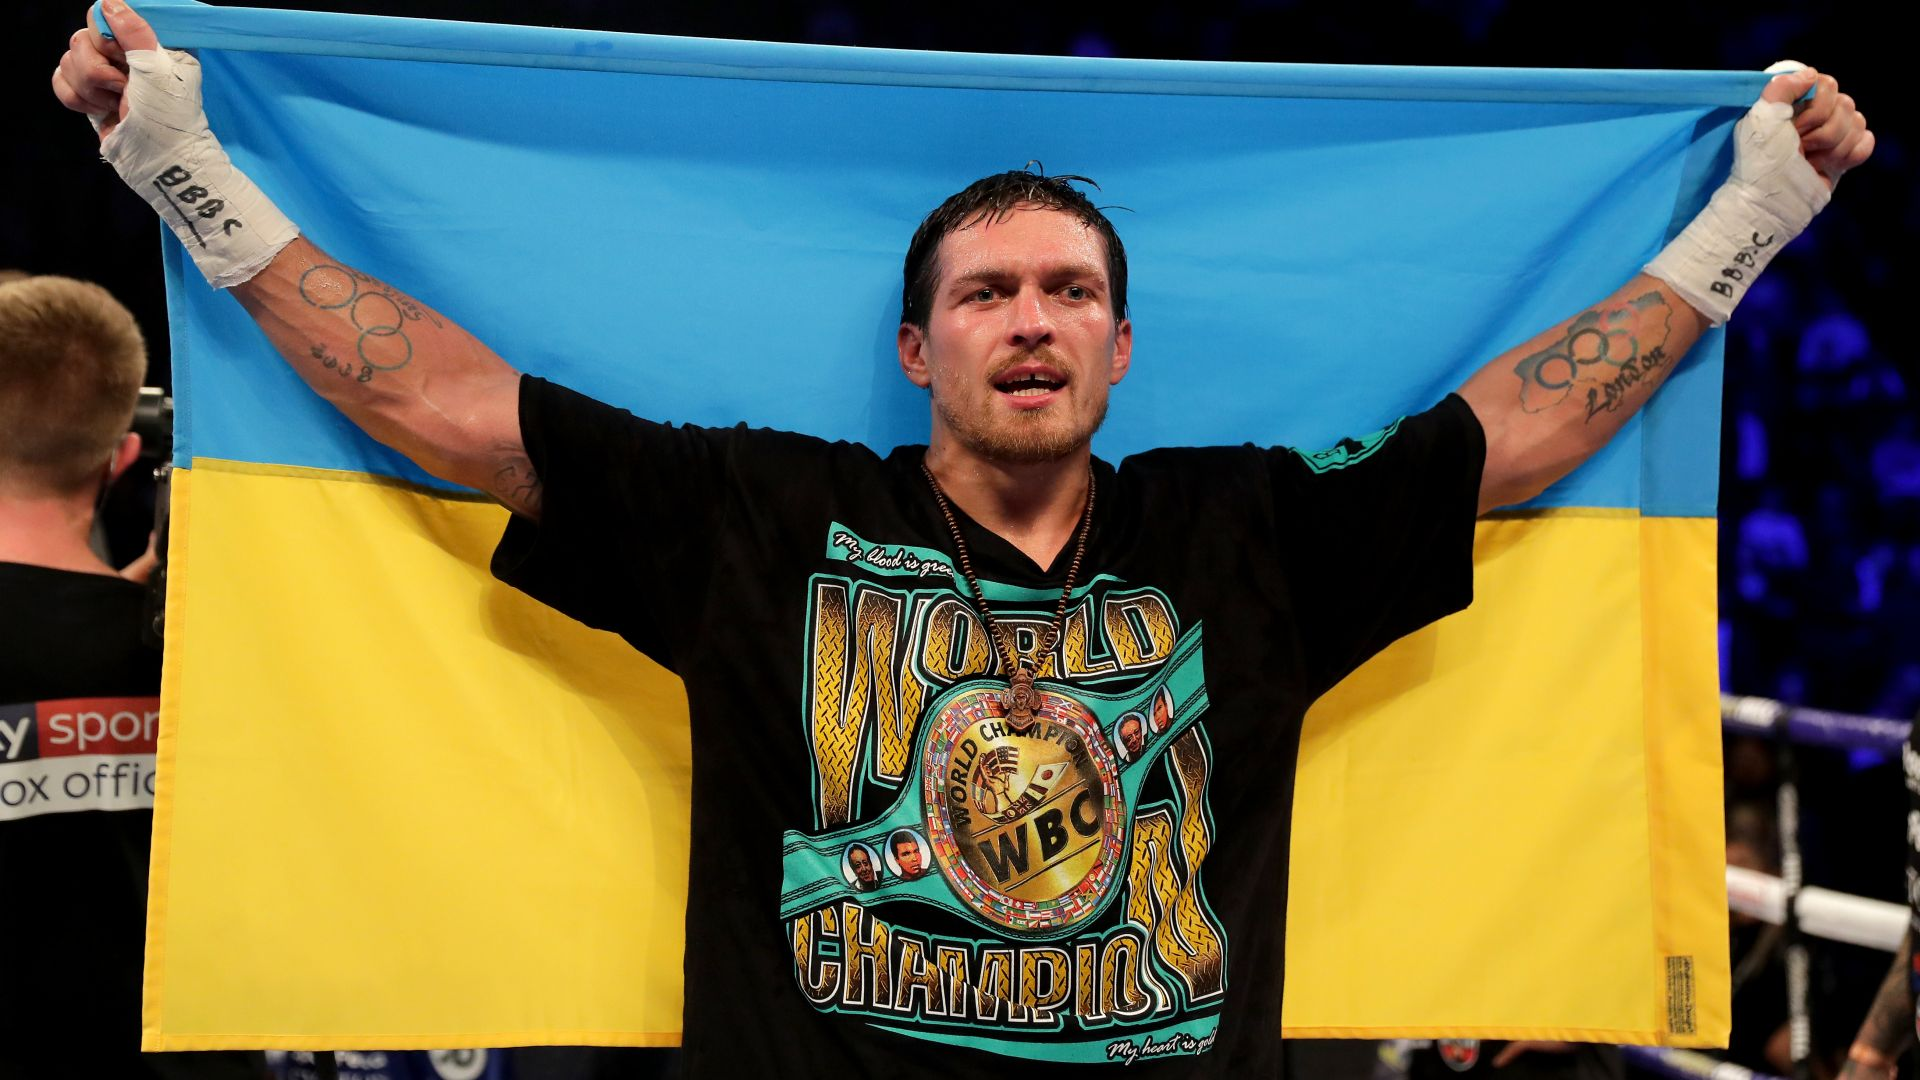 Мачът между Усик и Поветкин пропаднал по политически причини